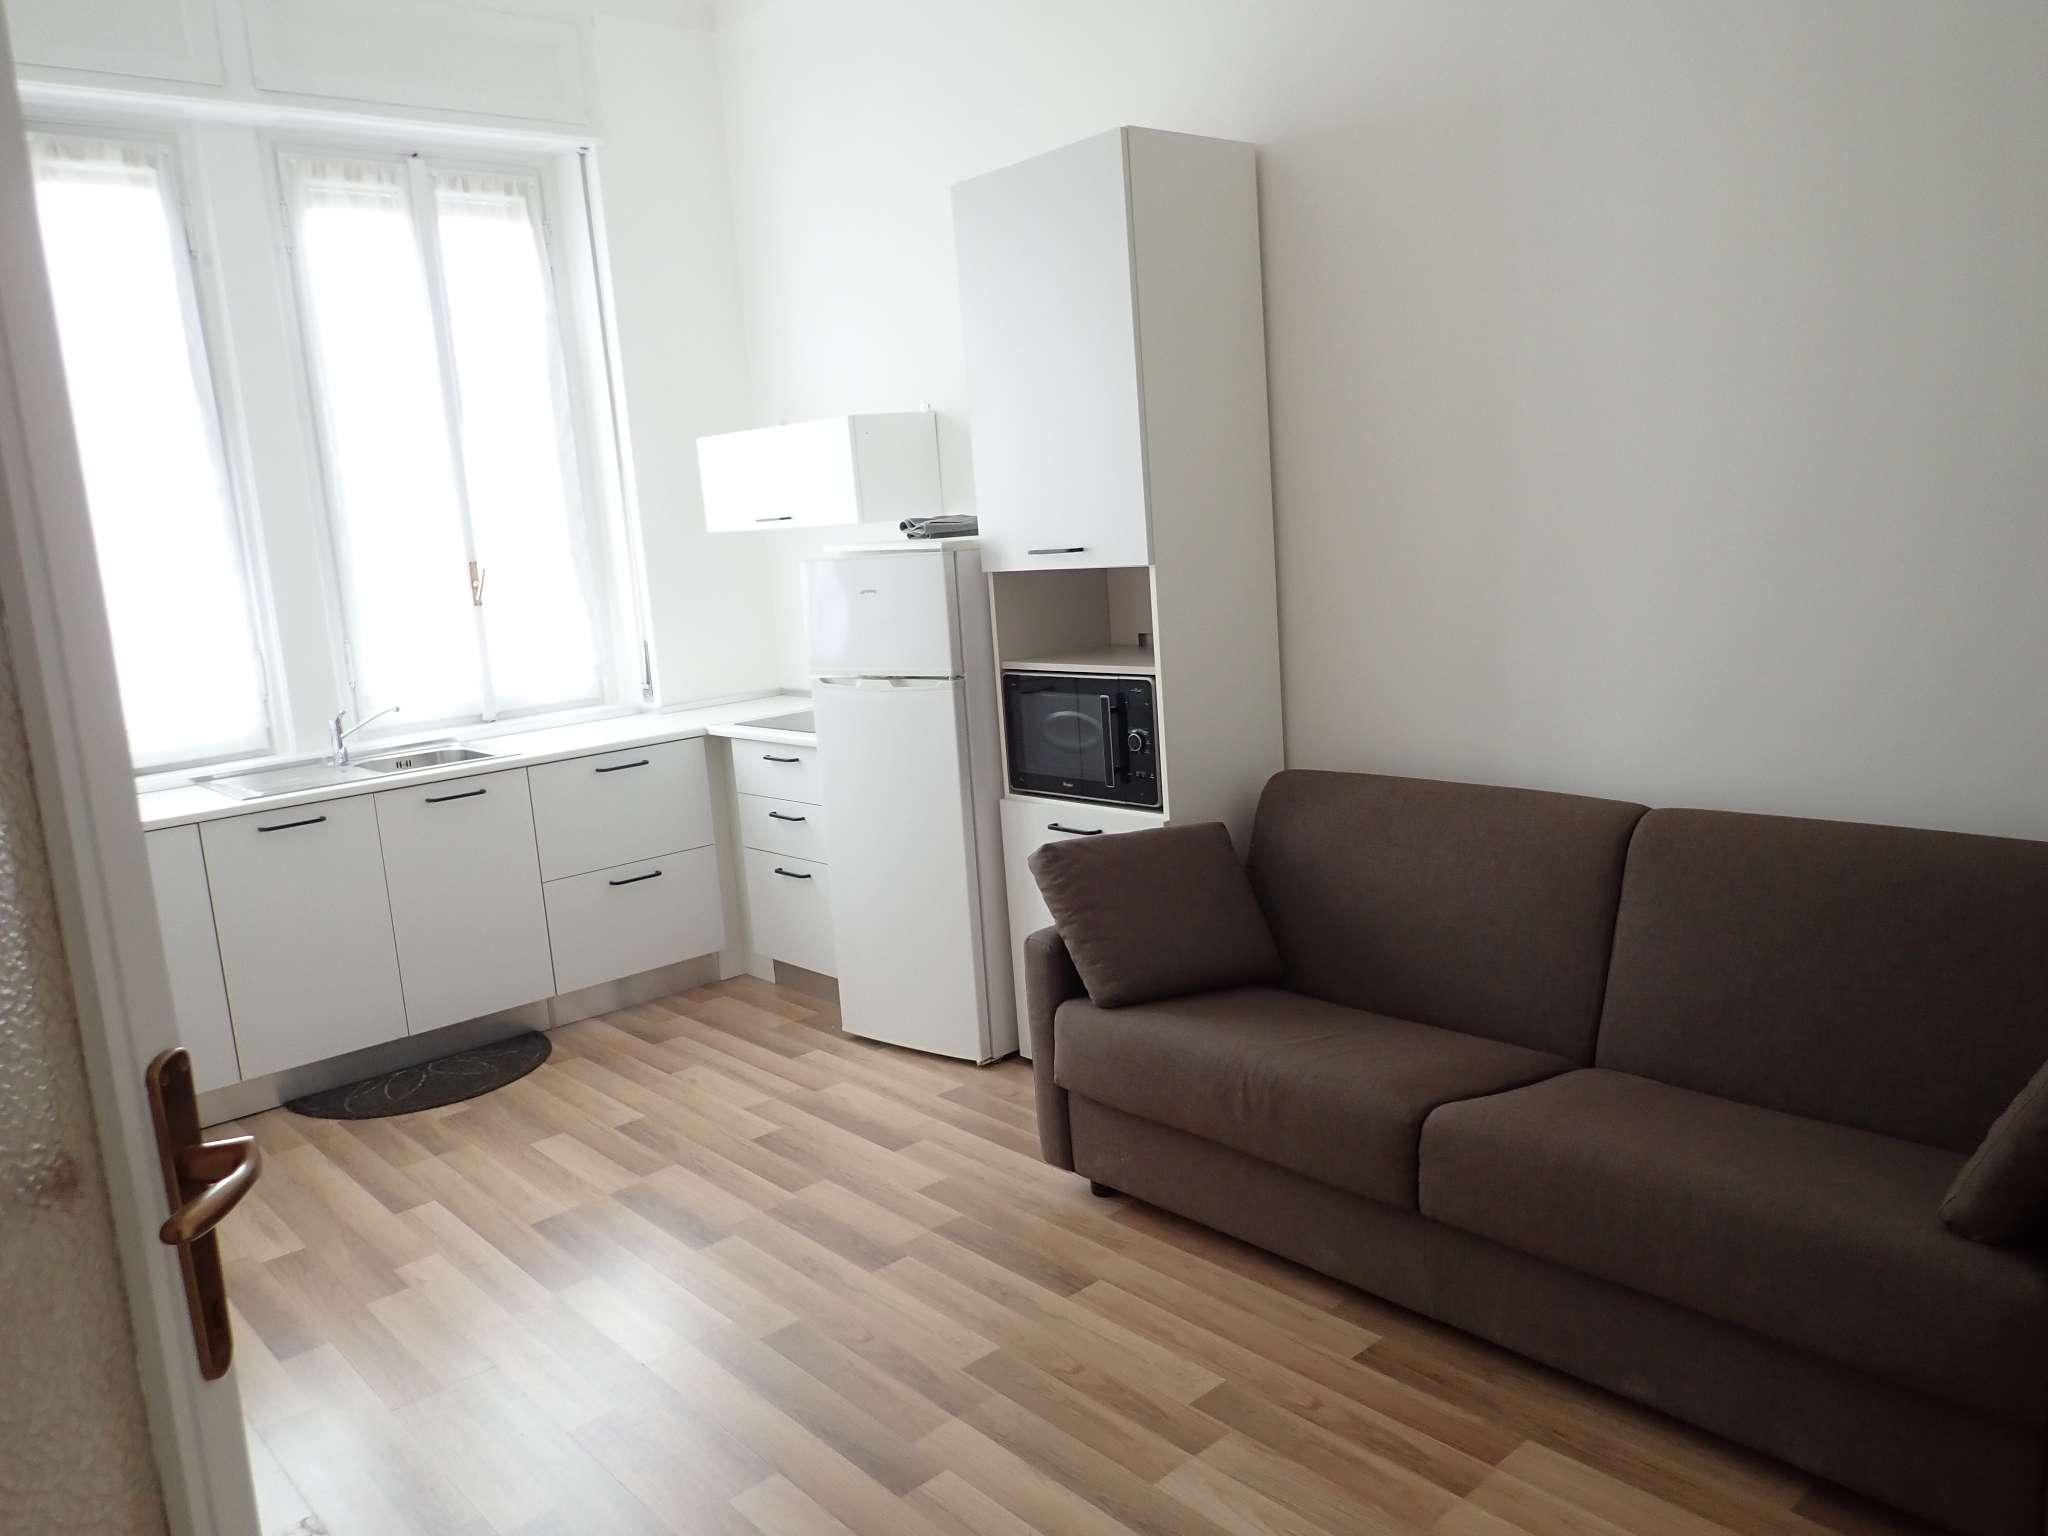 Appartamento in Affitto a Milano 25 Cassala / Famagosta / Lorenteggio / Barona: 2 locali, 55 mq